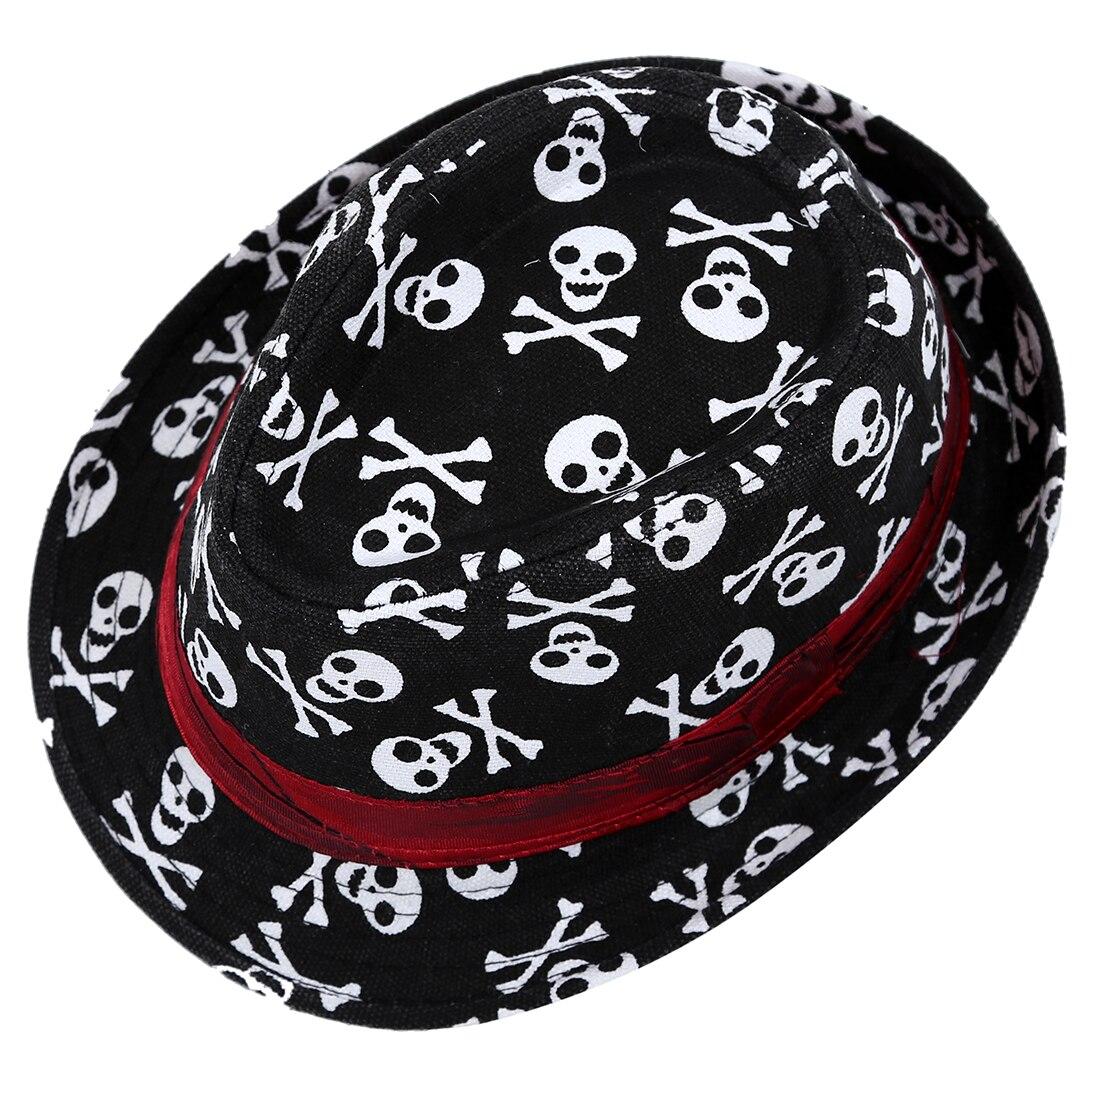 Niño niños Baby Niños Niñas Cap sombrero fedora negro con patrón de ... 993af97e3fb